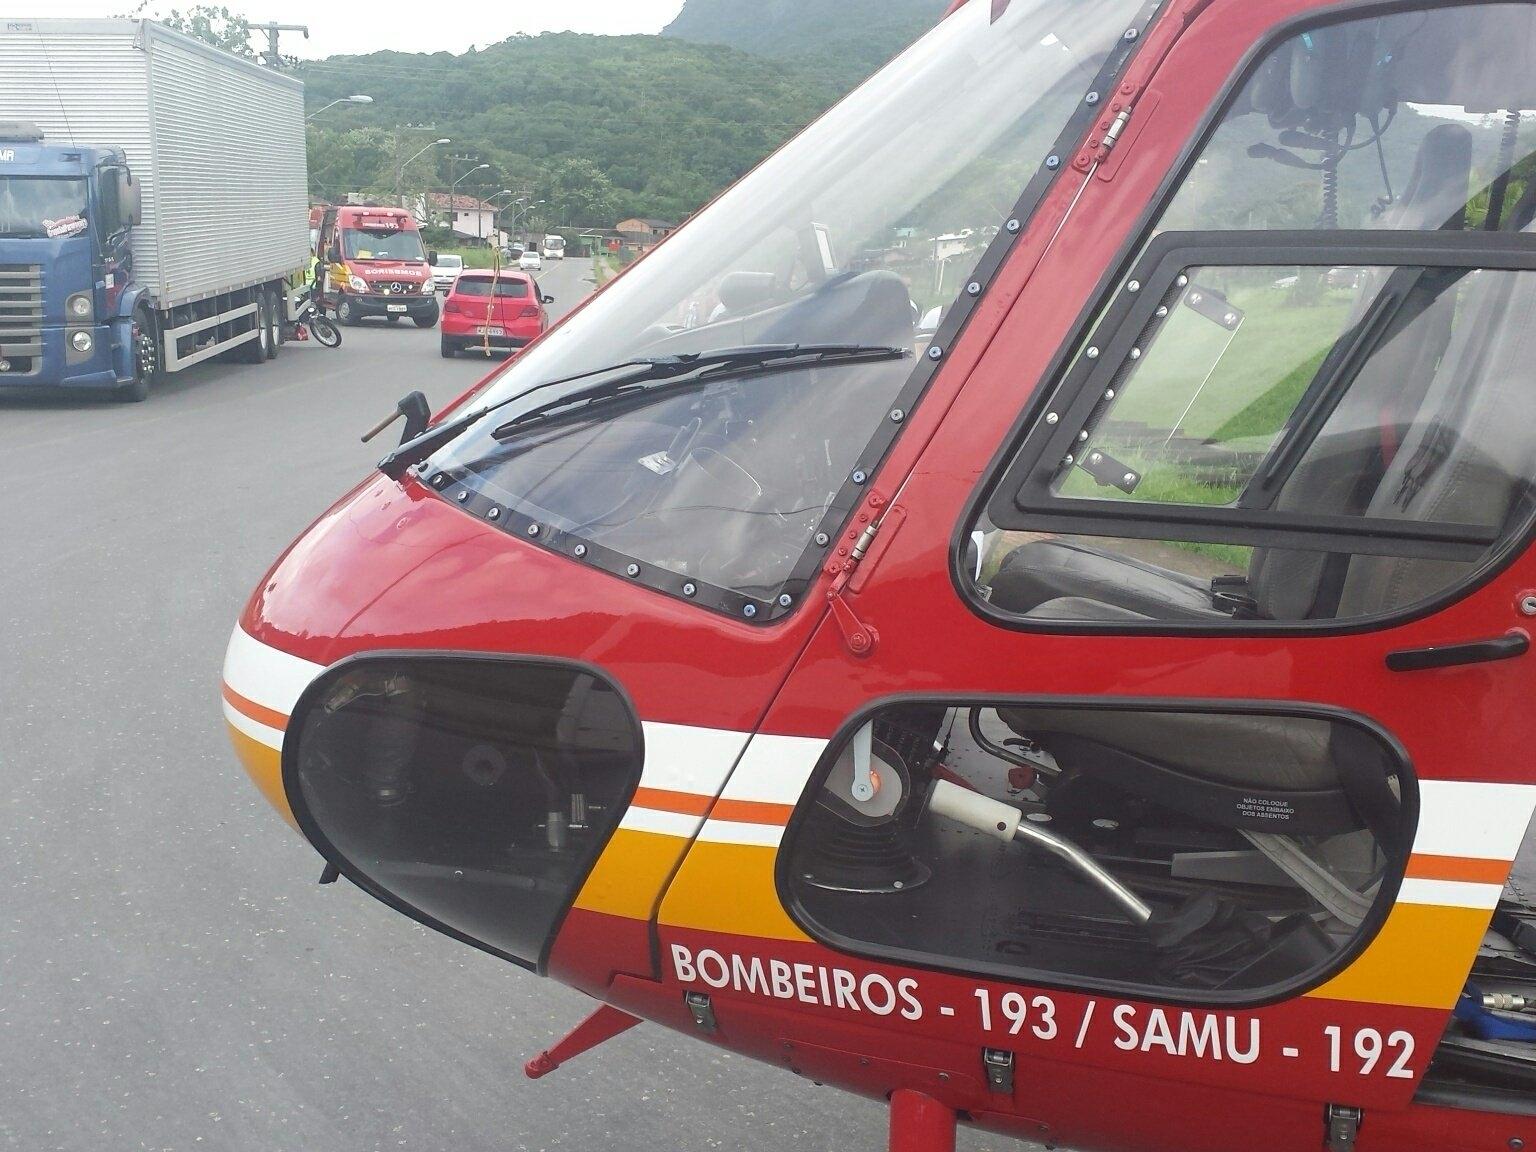 Arcanjo encaminhou o motociclista em estado grave ao hospital - Corpo de Bombeiros/Divulgação/ND